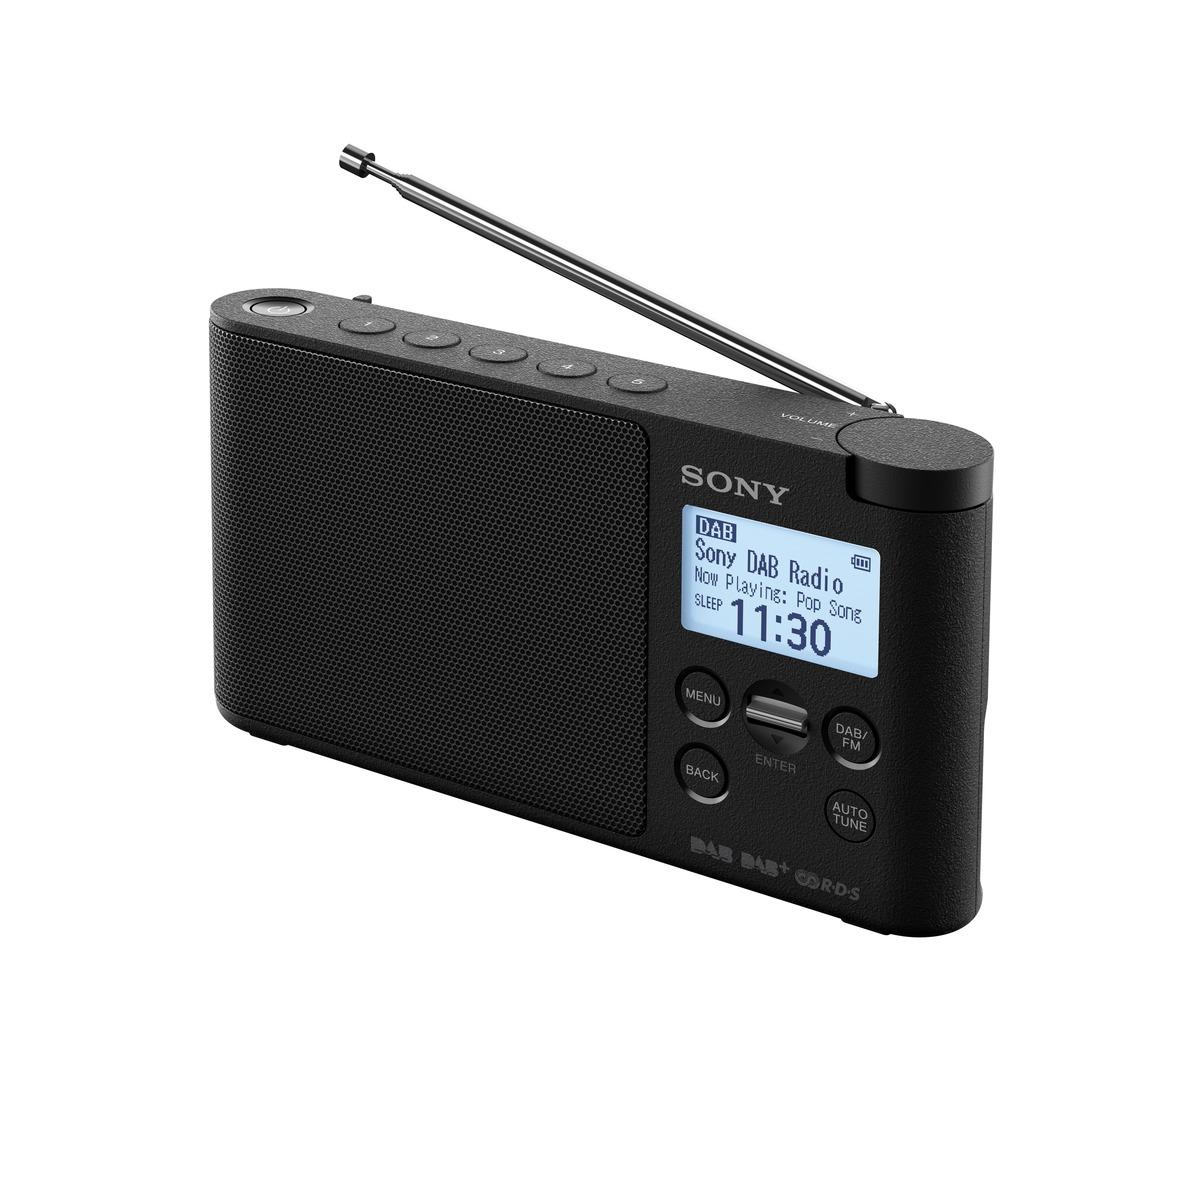 Sony radiopřijímač XDRS41DB.EU8 DAB tuner černý